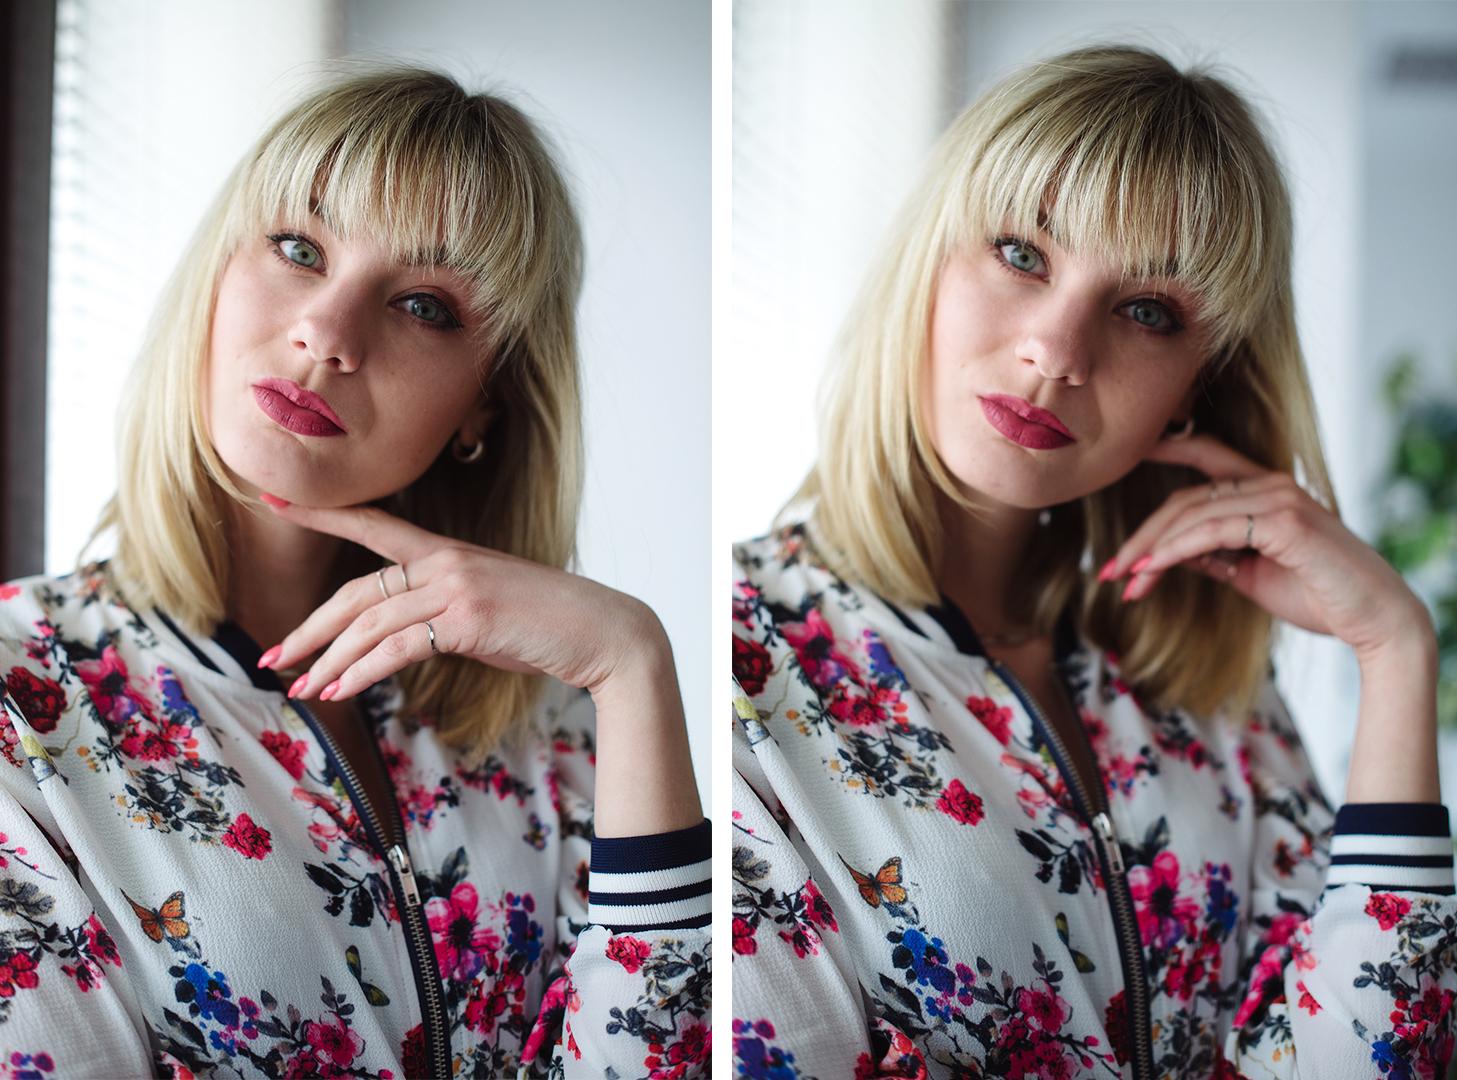 Kiamisu_Modeblog_Doppelmoral Bloggerwelt_Fashionblog_Beautyblog-6